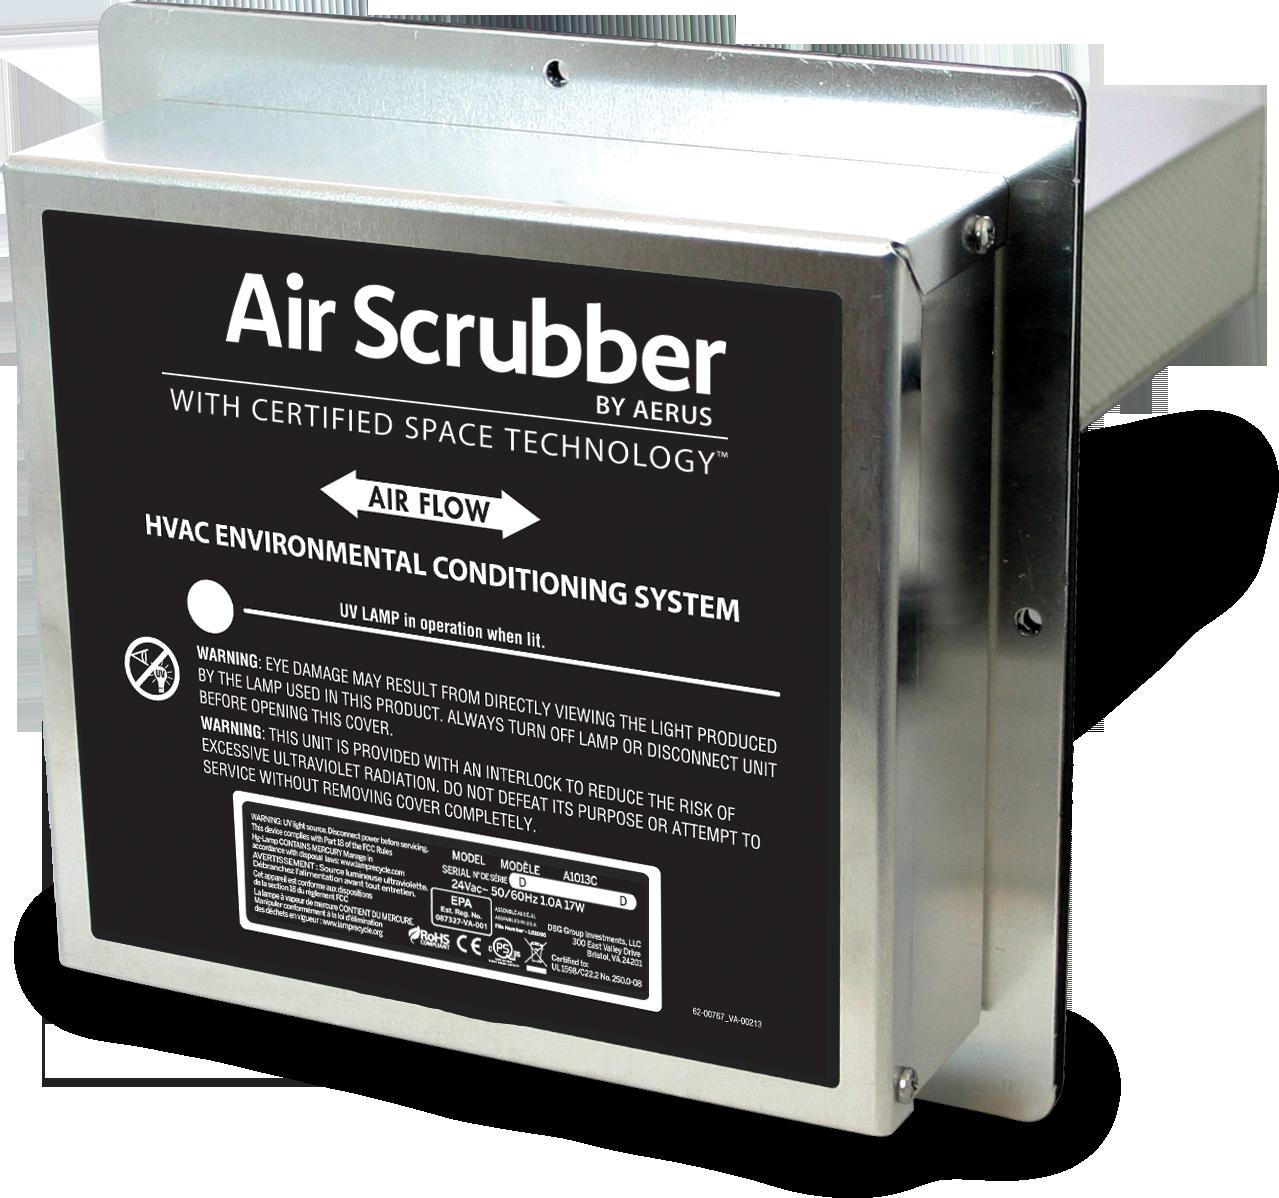 Air Scrubber by Aerus.